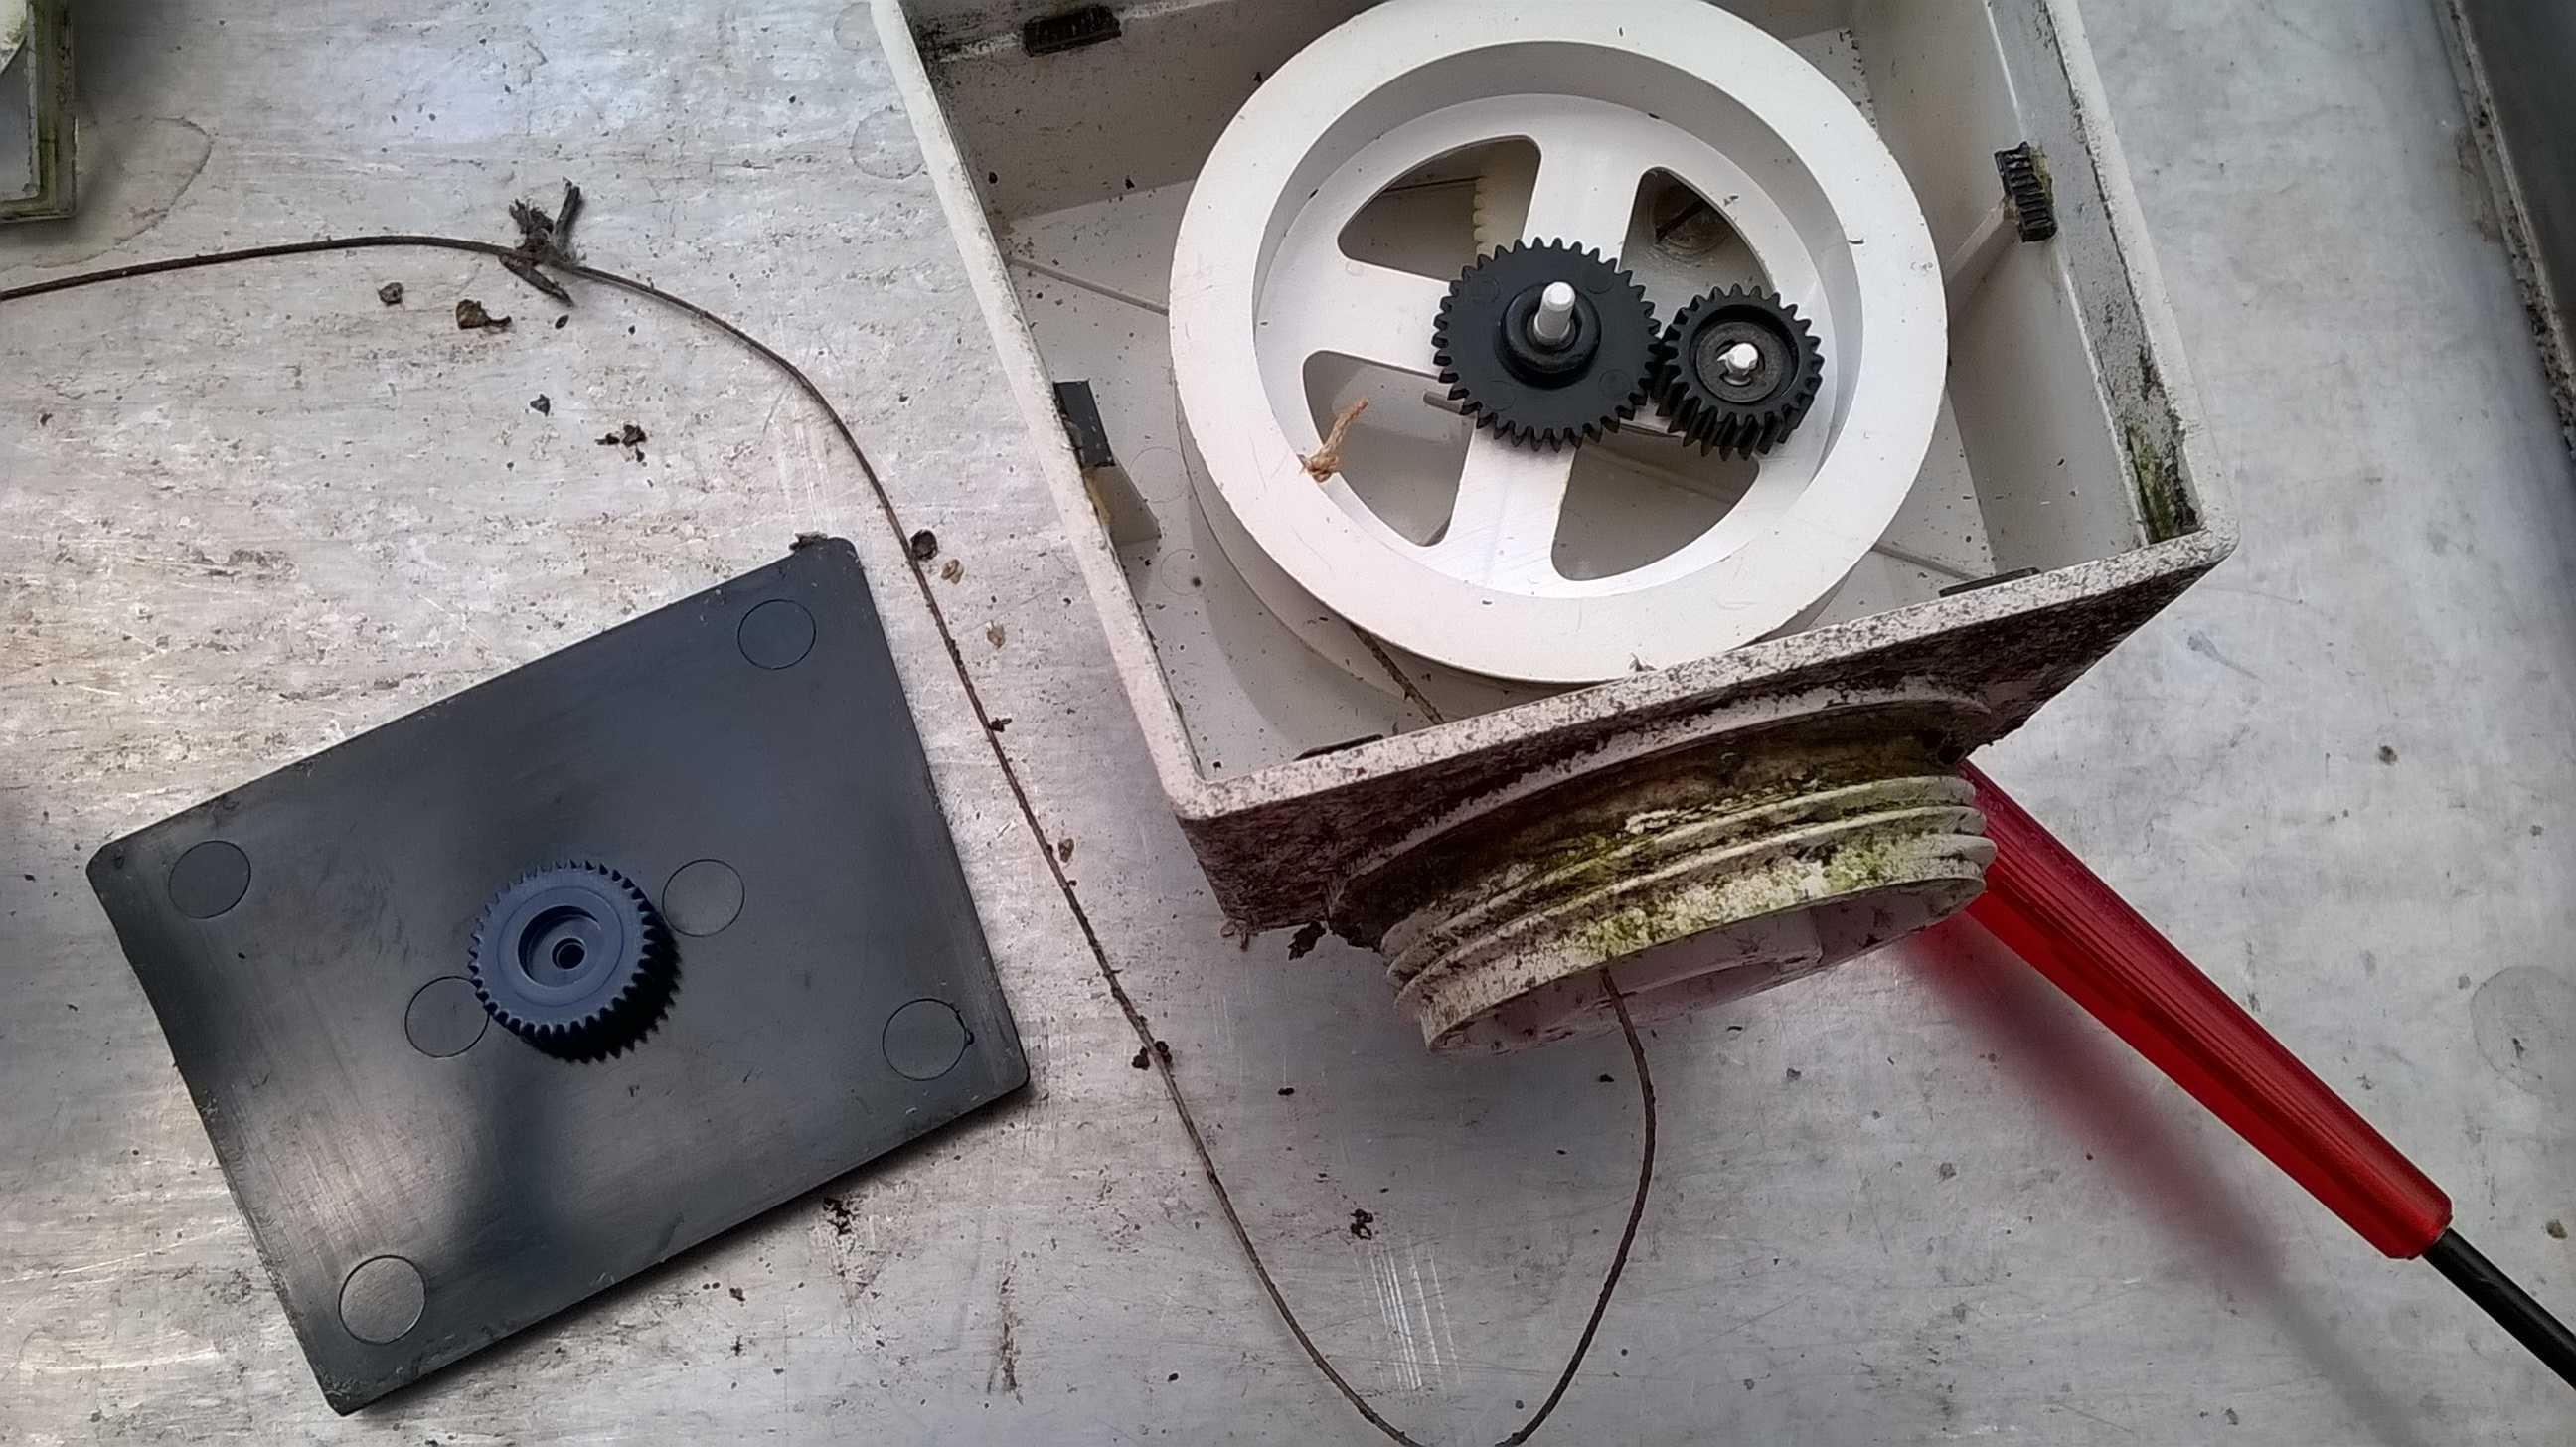 Laser Entfernungsmesser Wasseroberfläche : Wasserpegelanzeige mikrocontroller.net